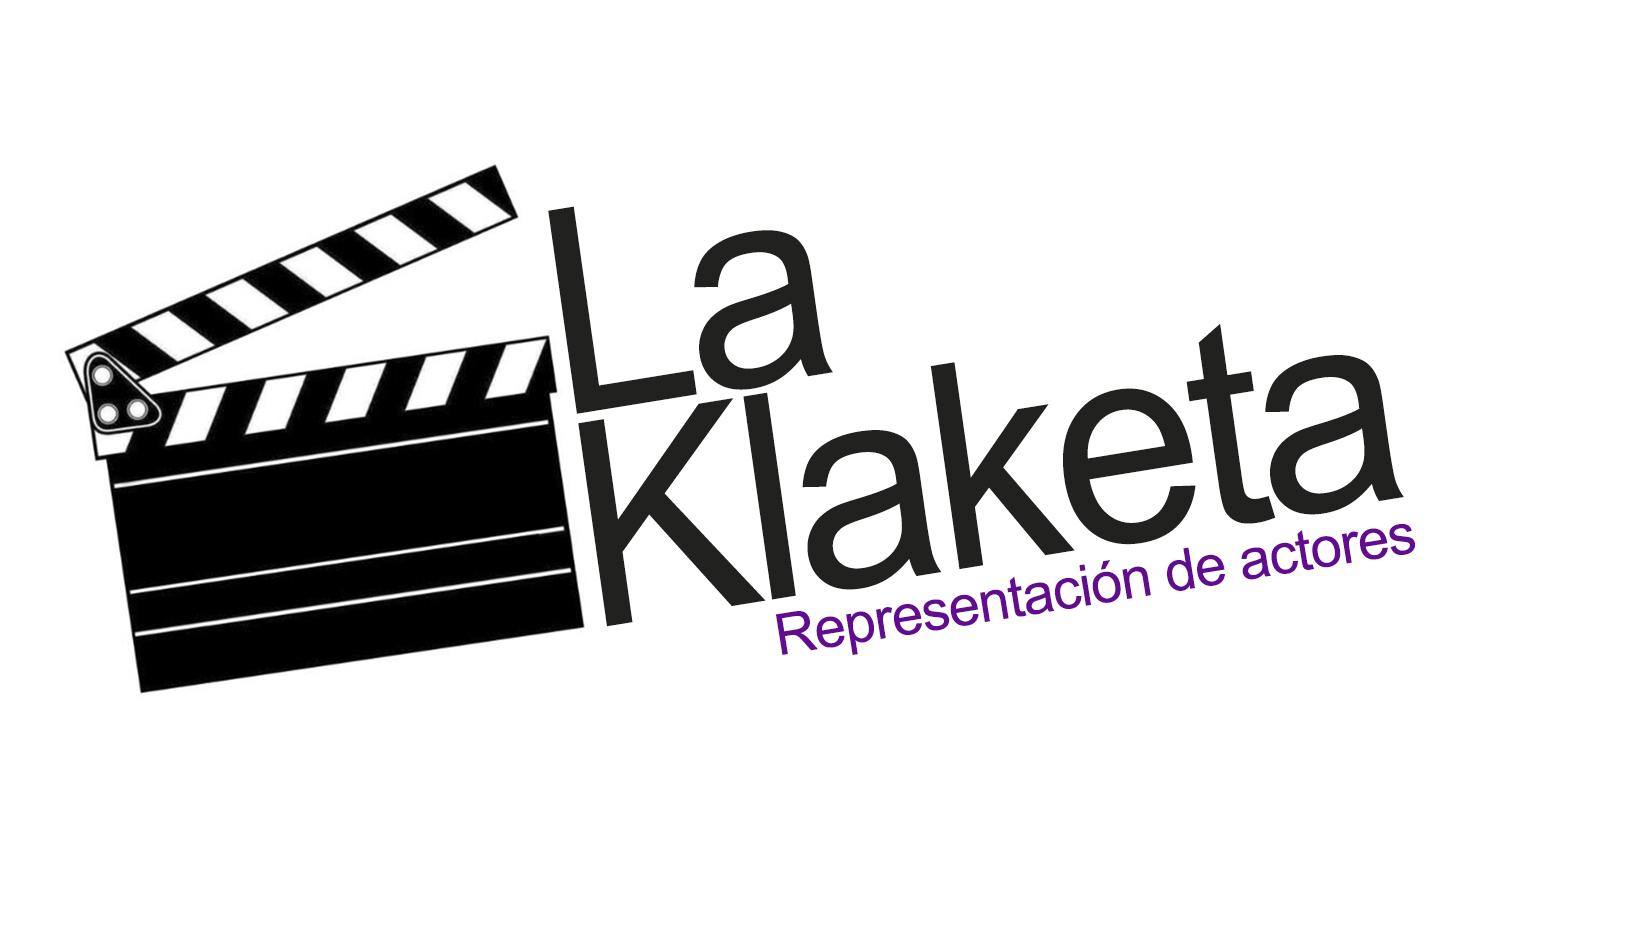 La Klaketa